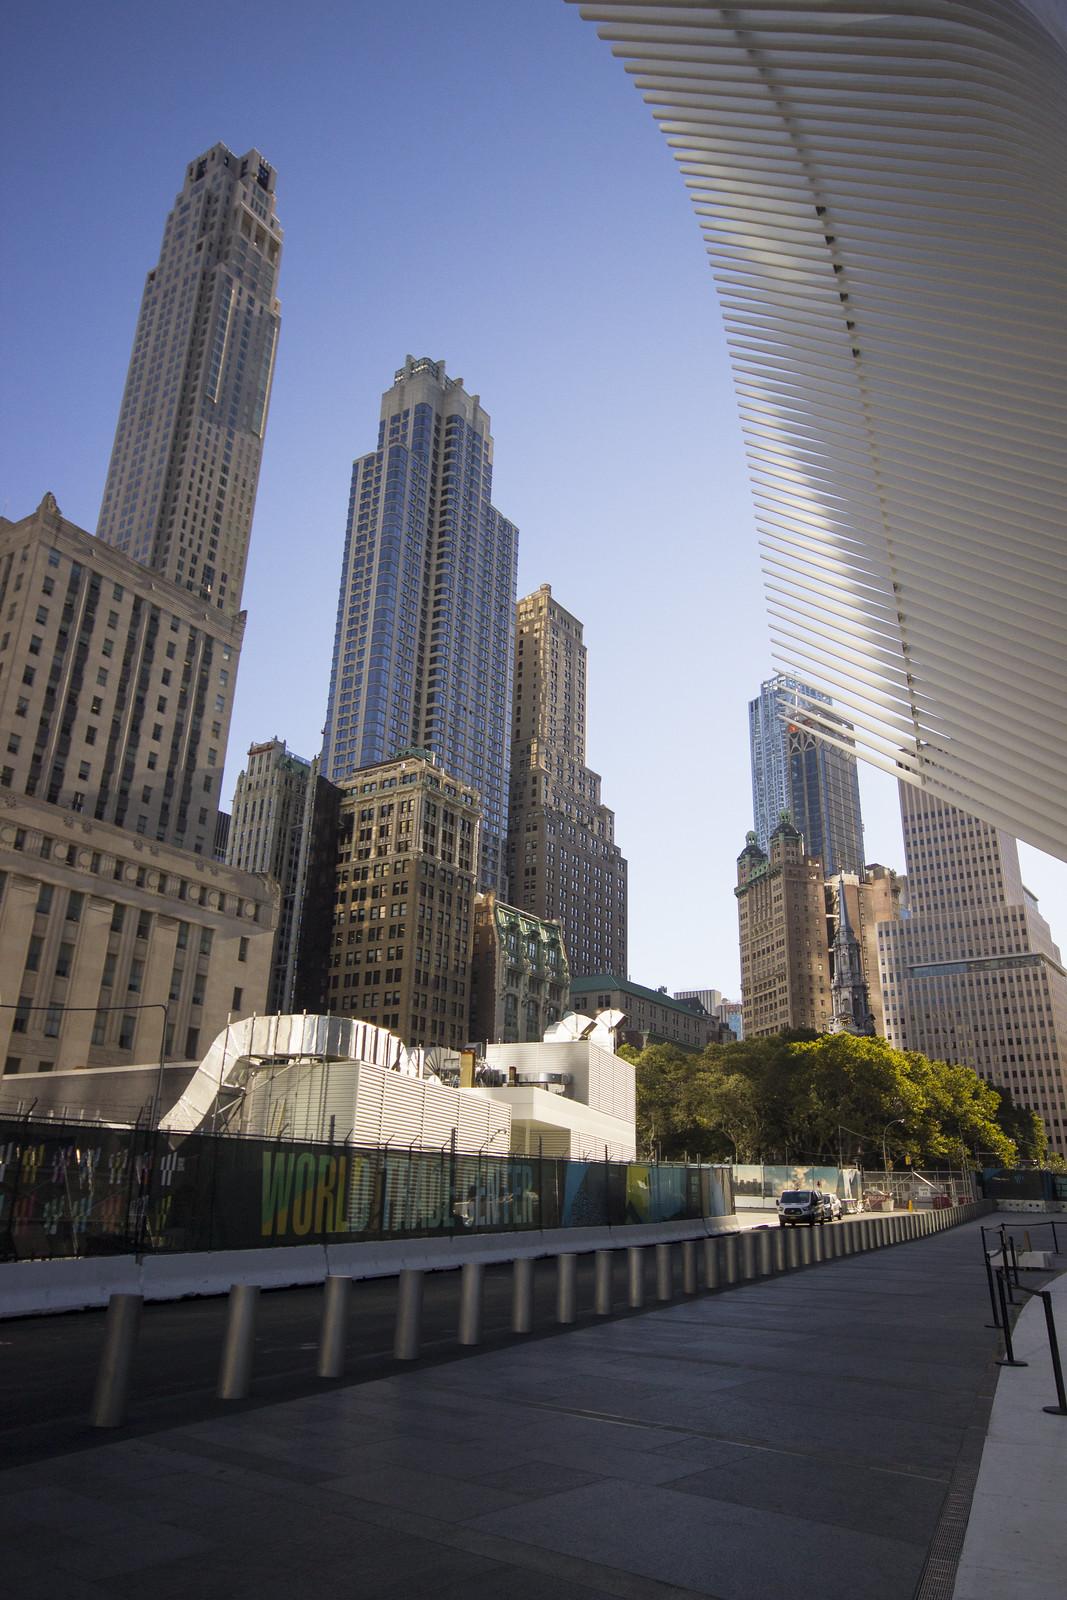 Sept 11 memorial 9